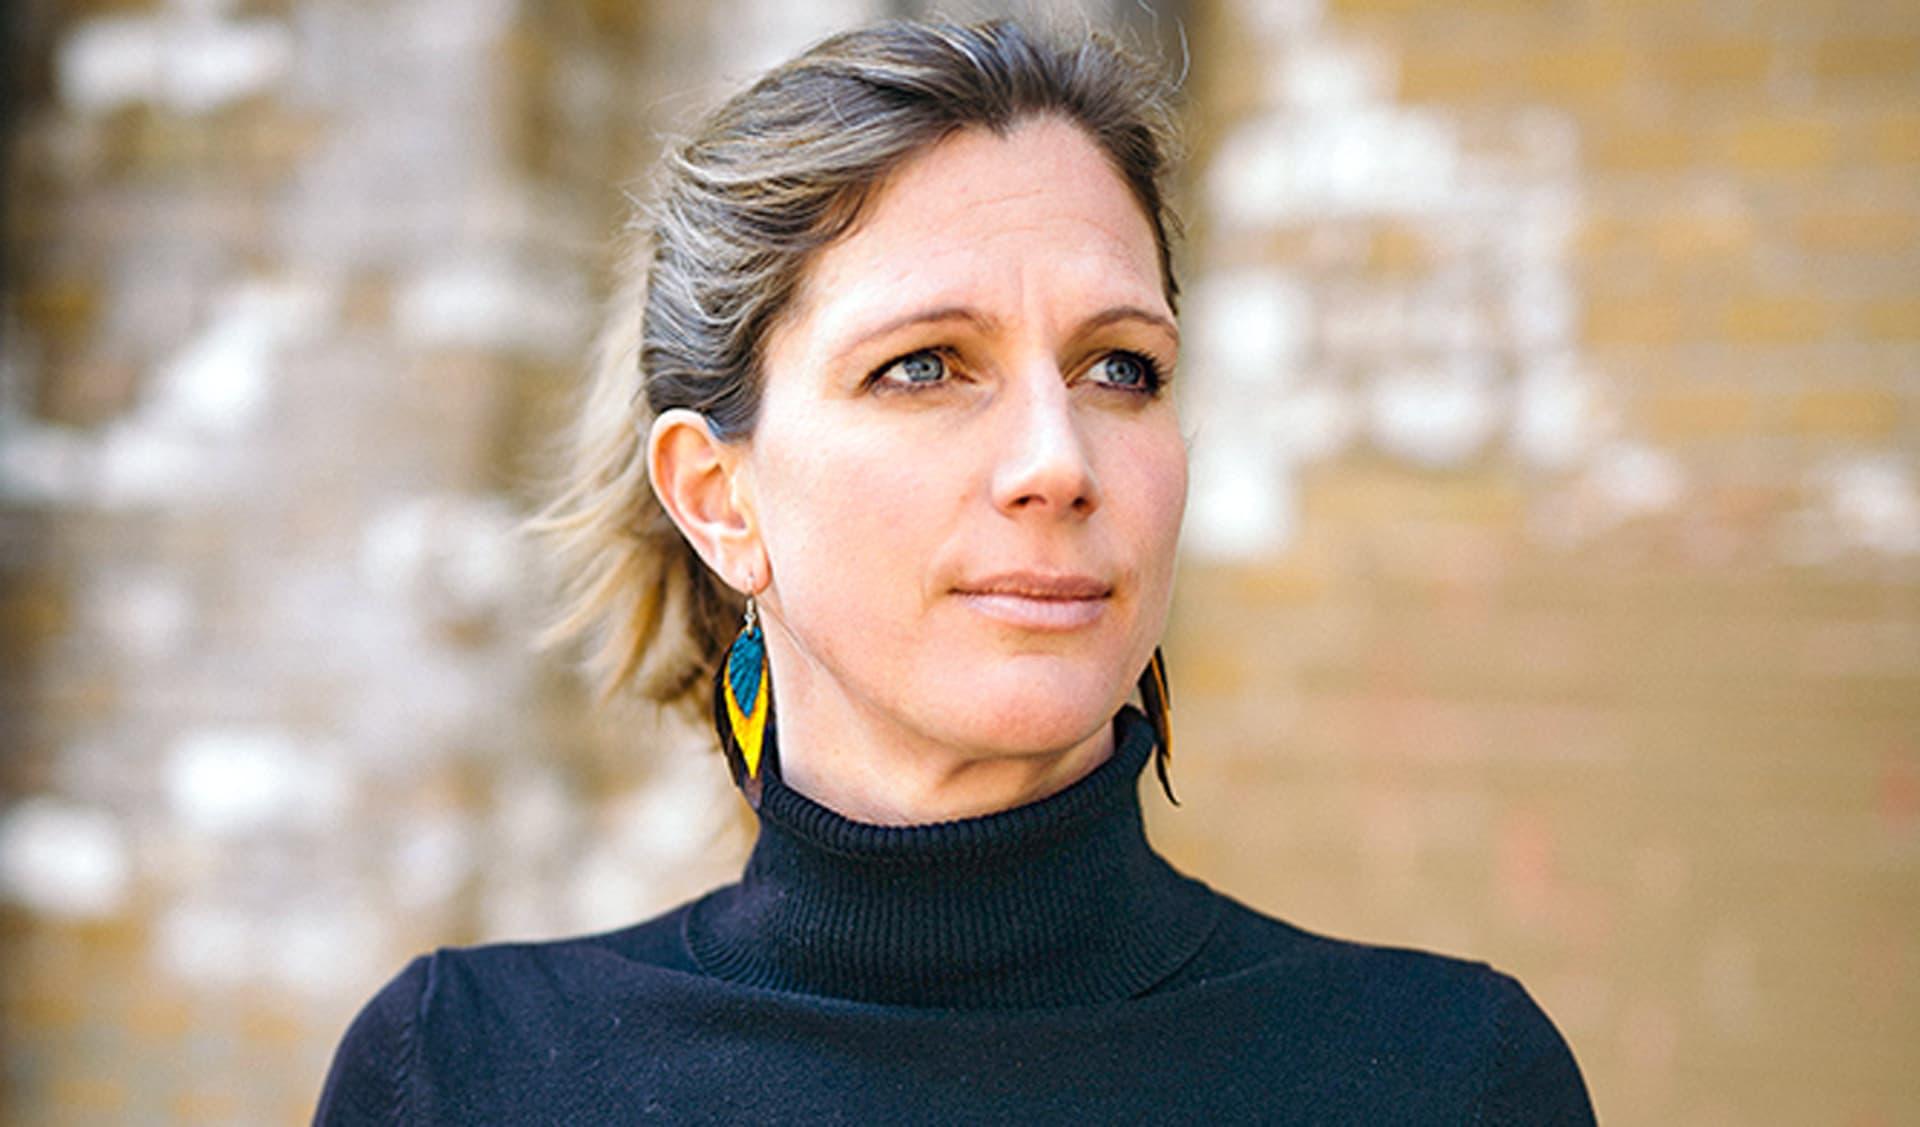 Maja Göpel im Porträt. Sie trägt einen schwarzen Rollkragenpullover und lange Ohrringe